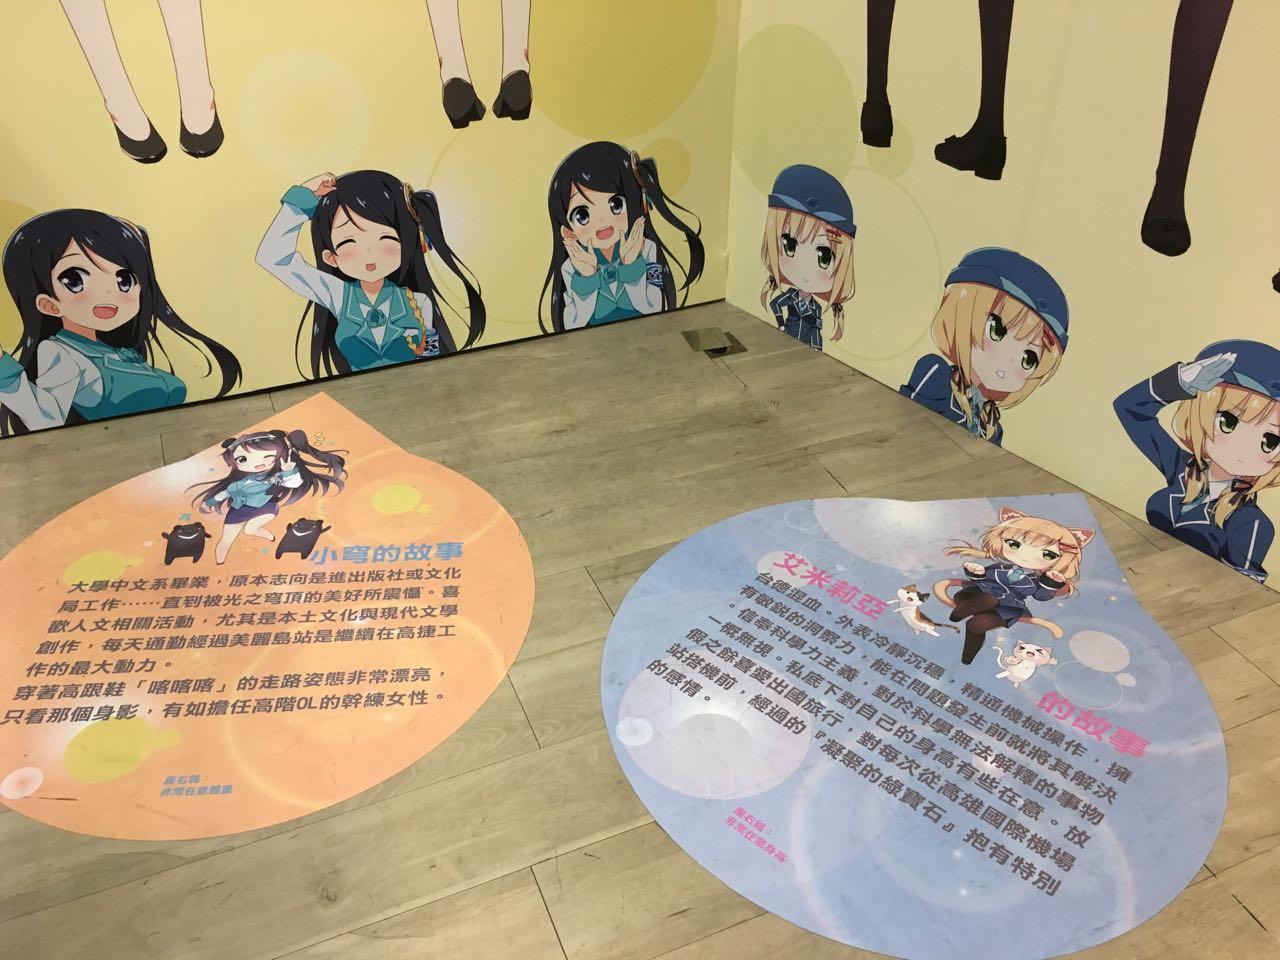 kaohsiung_moe_misc4